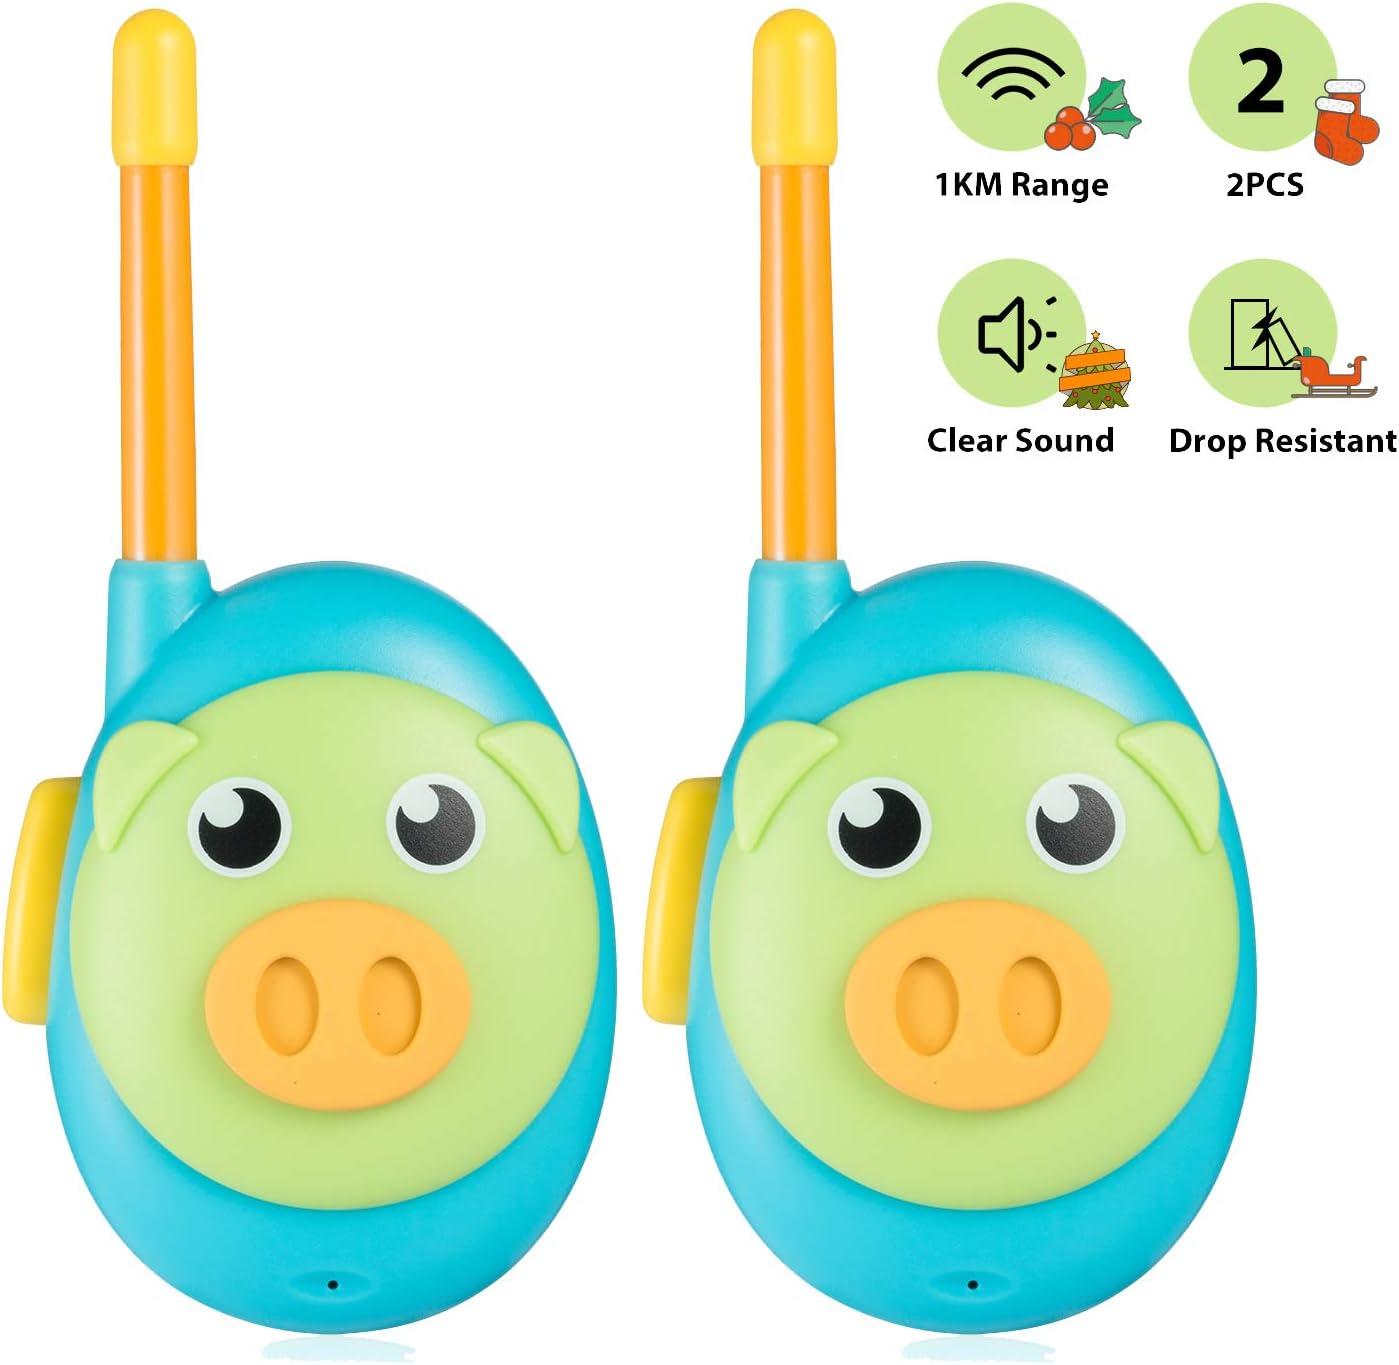 Jaybest Walkie Talkie, 2 Pack Walkie Talkie para Niños con Radio Bidireccional 1 Millas de Largo Alcance, Regalos para Niños de 3+ años. (Azul)